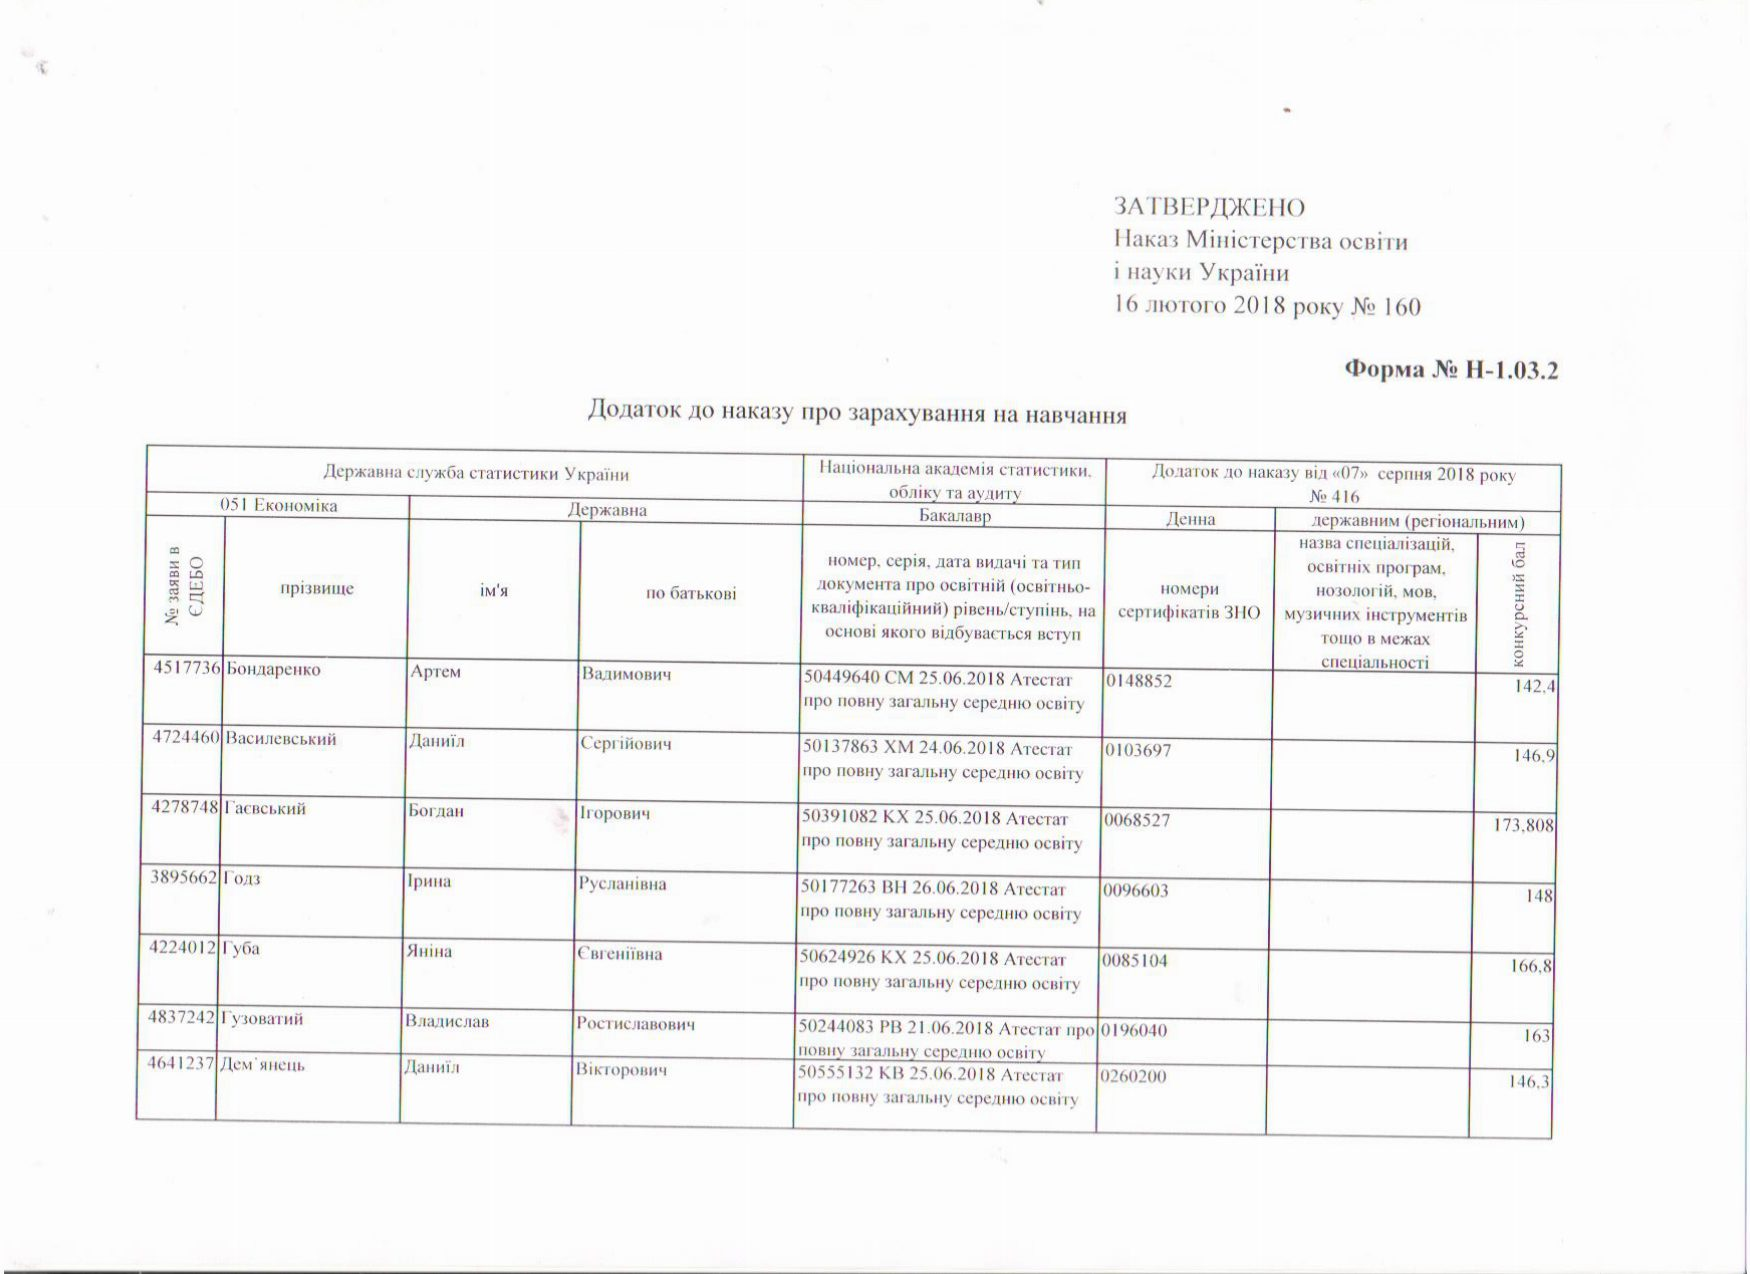 Наказ про зарахування за державним замовленням. Фото №2.